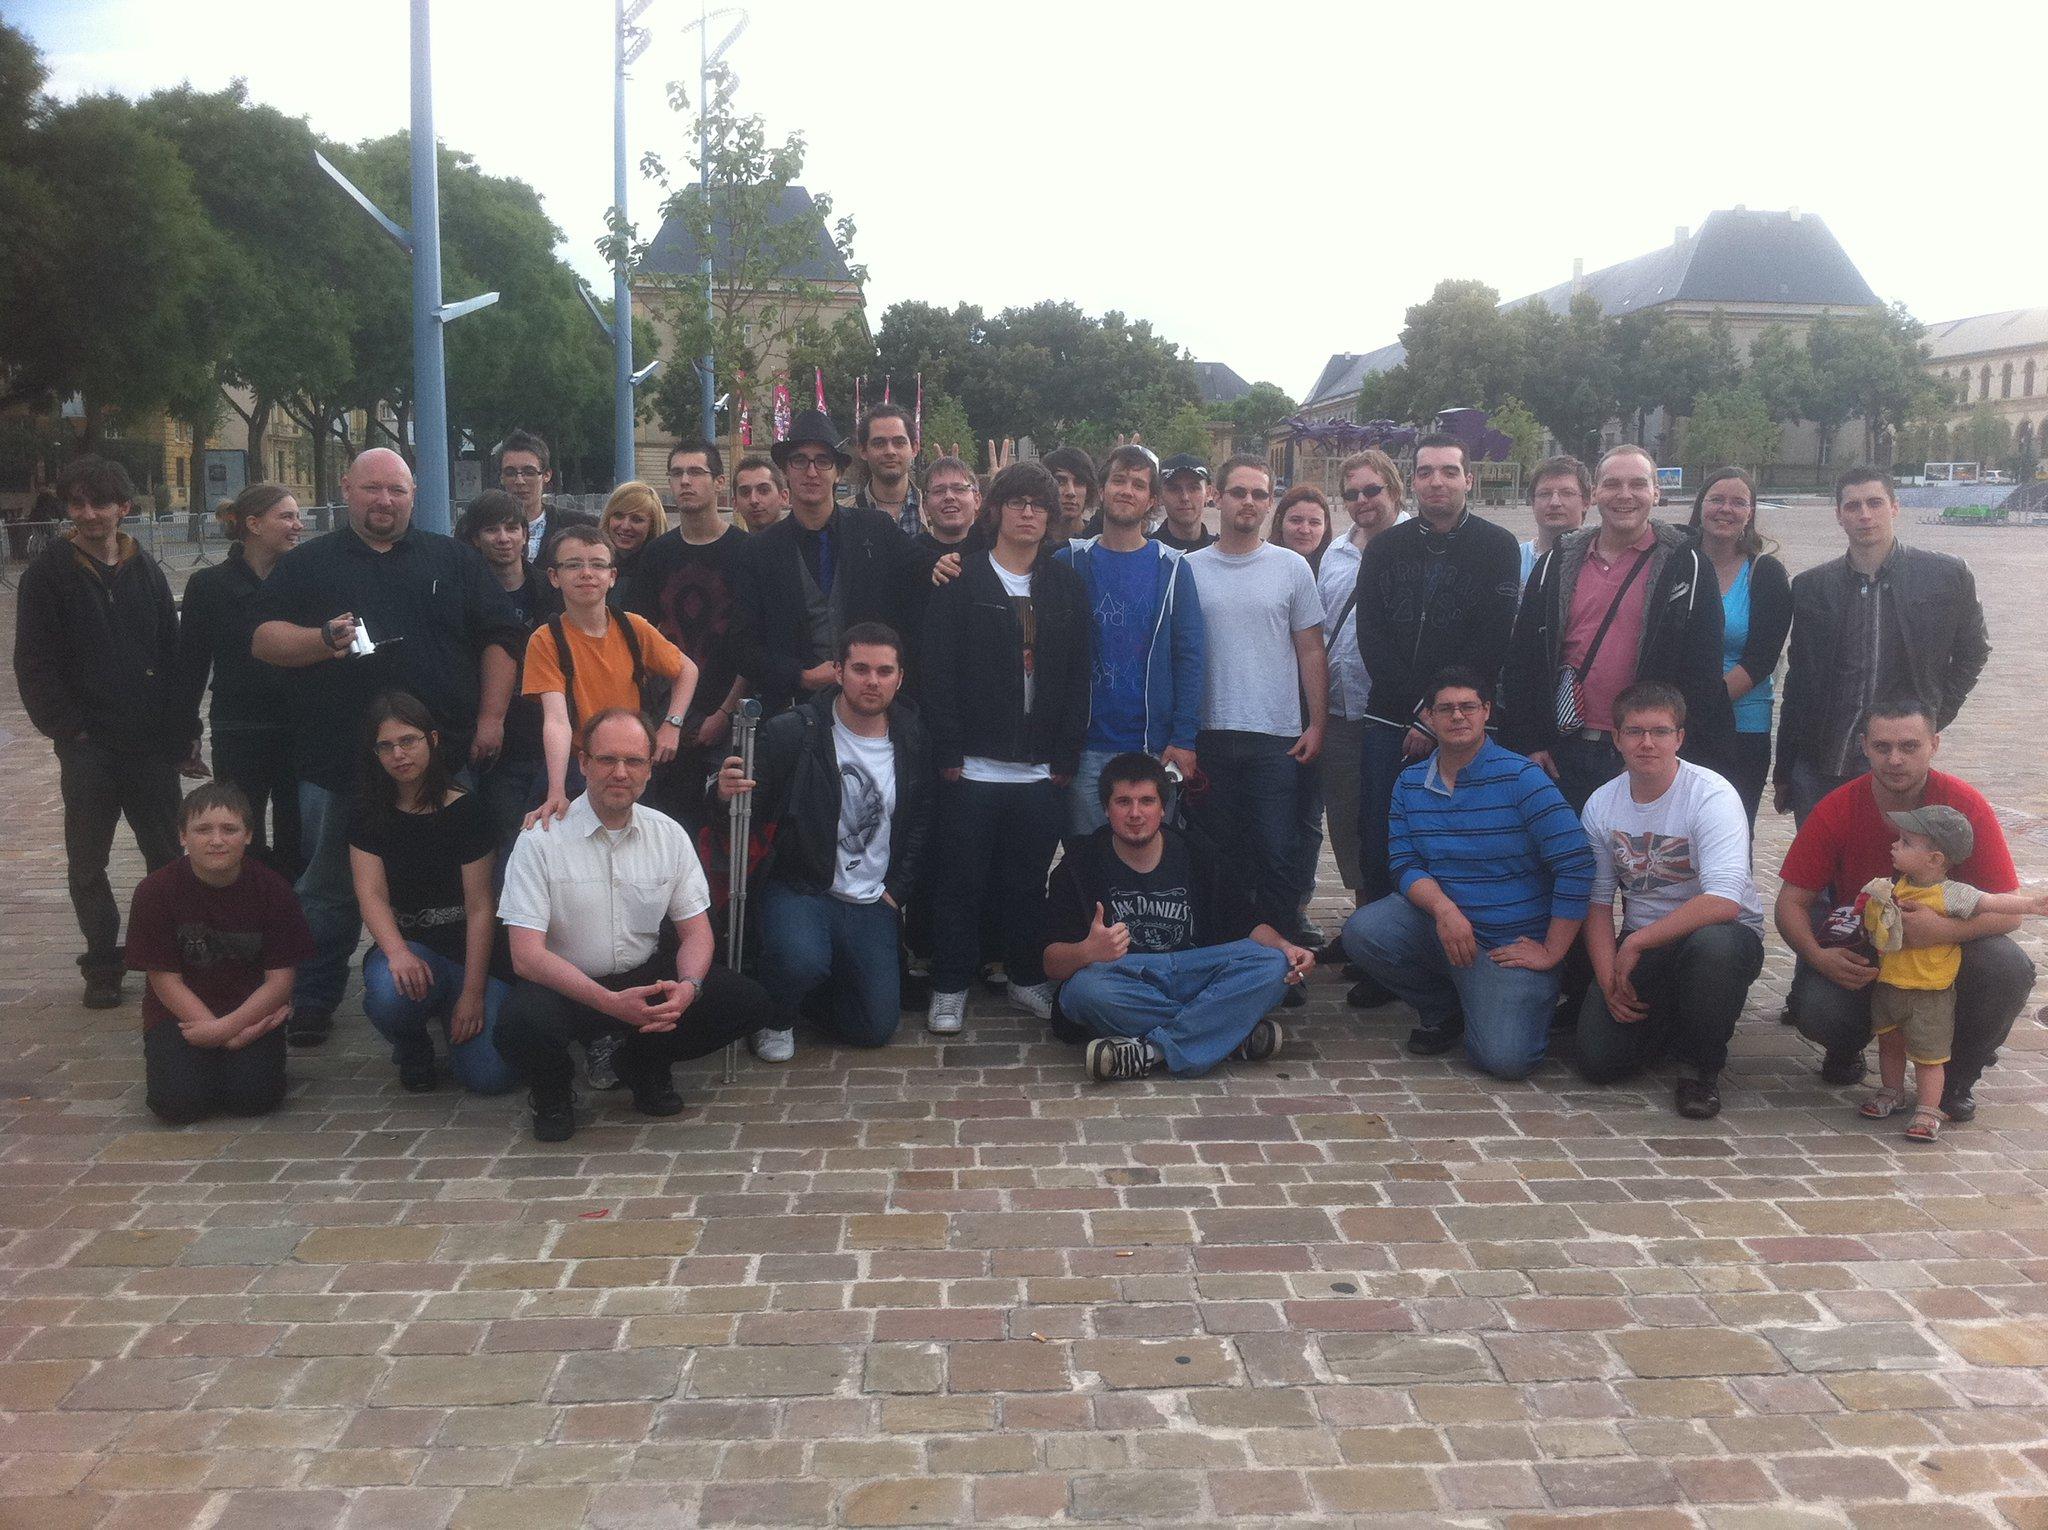 Photo de groupe de l'IRL de Mamytwink. A noter qu'il manque quelques fans ^^